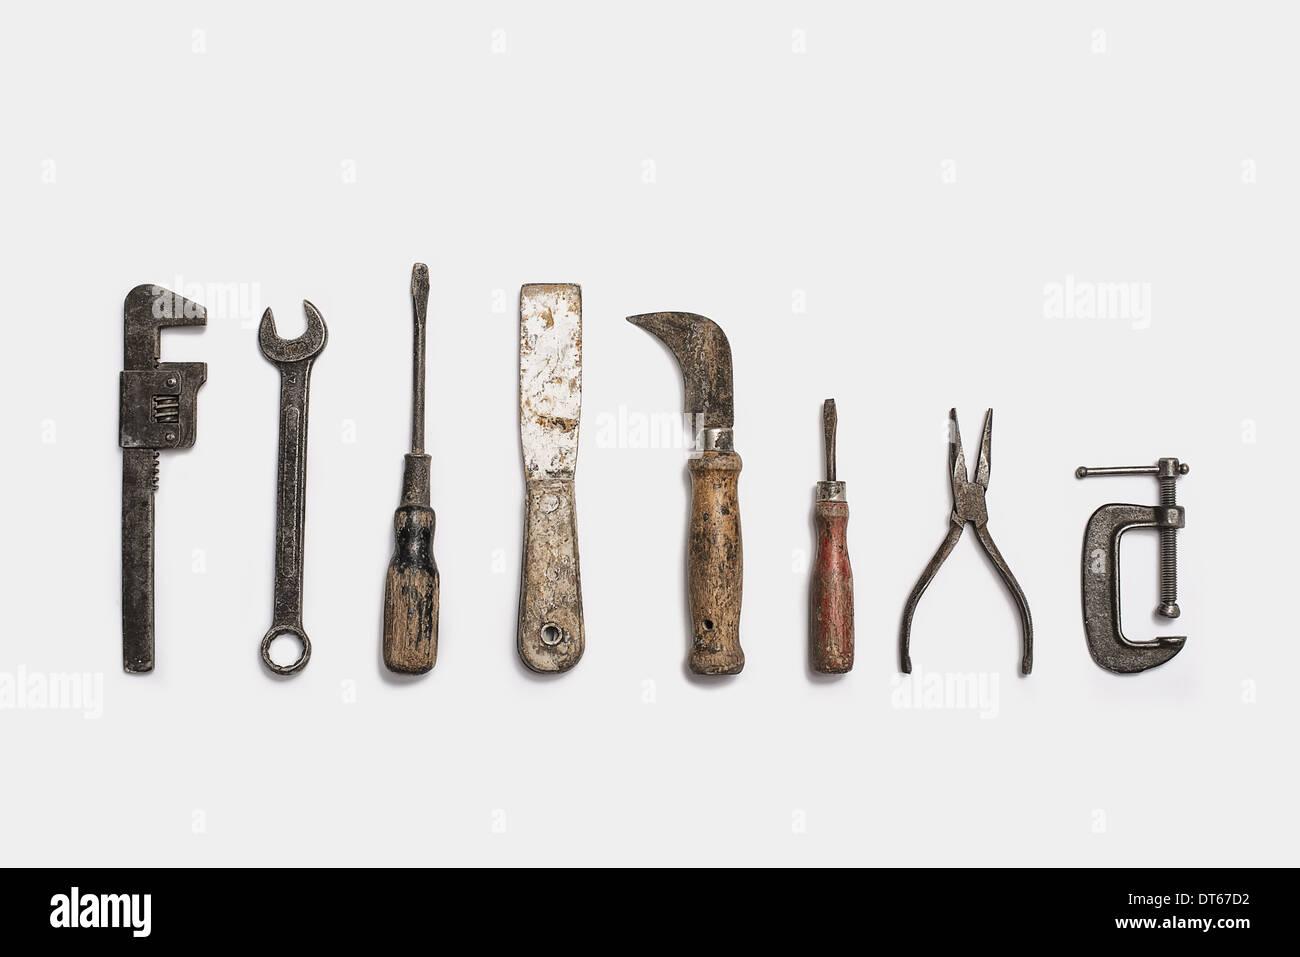 Utilisé des outils disposés dans une rangée. Bien utilisé, usé, poignées en bois en forme de texture lisse. Metal rusty et marqué met en œuvre. Photo Stock